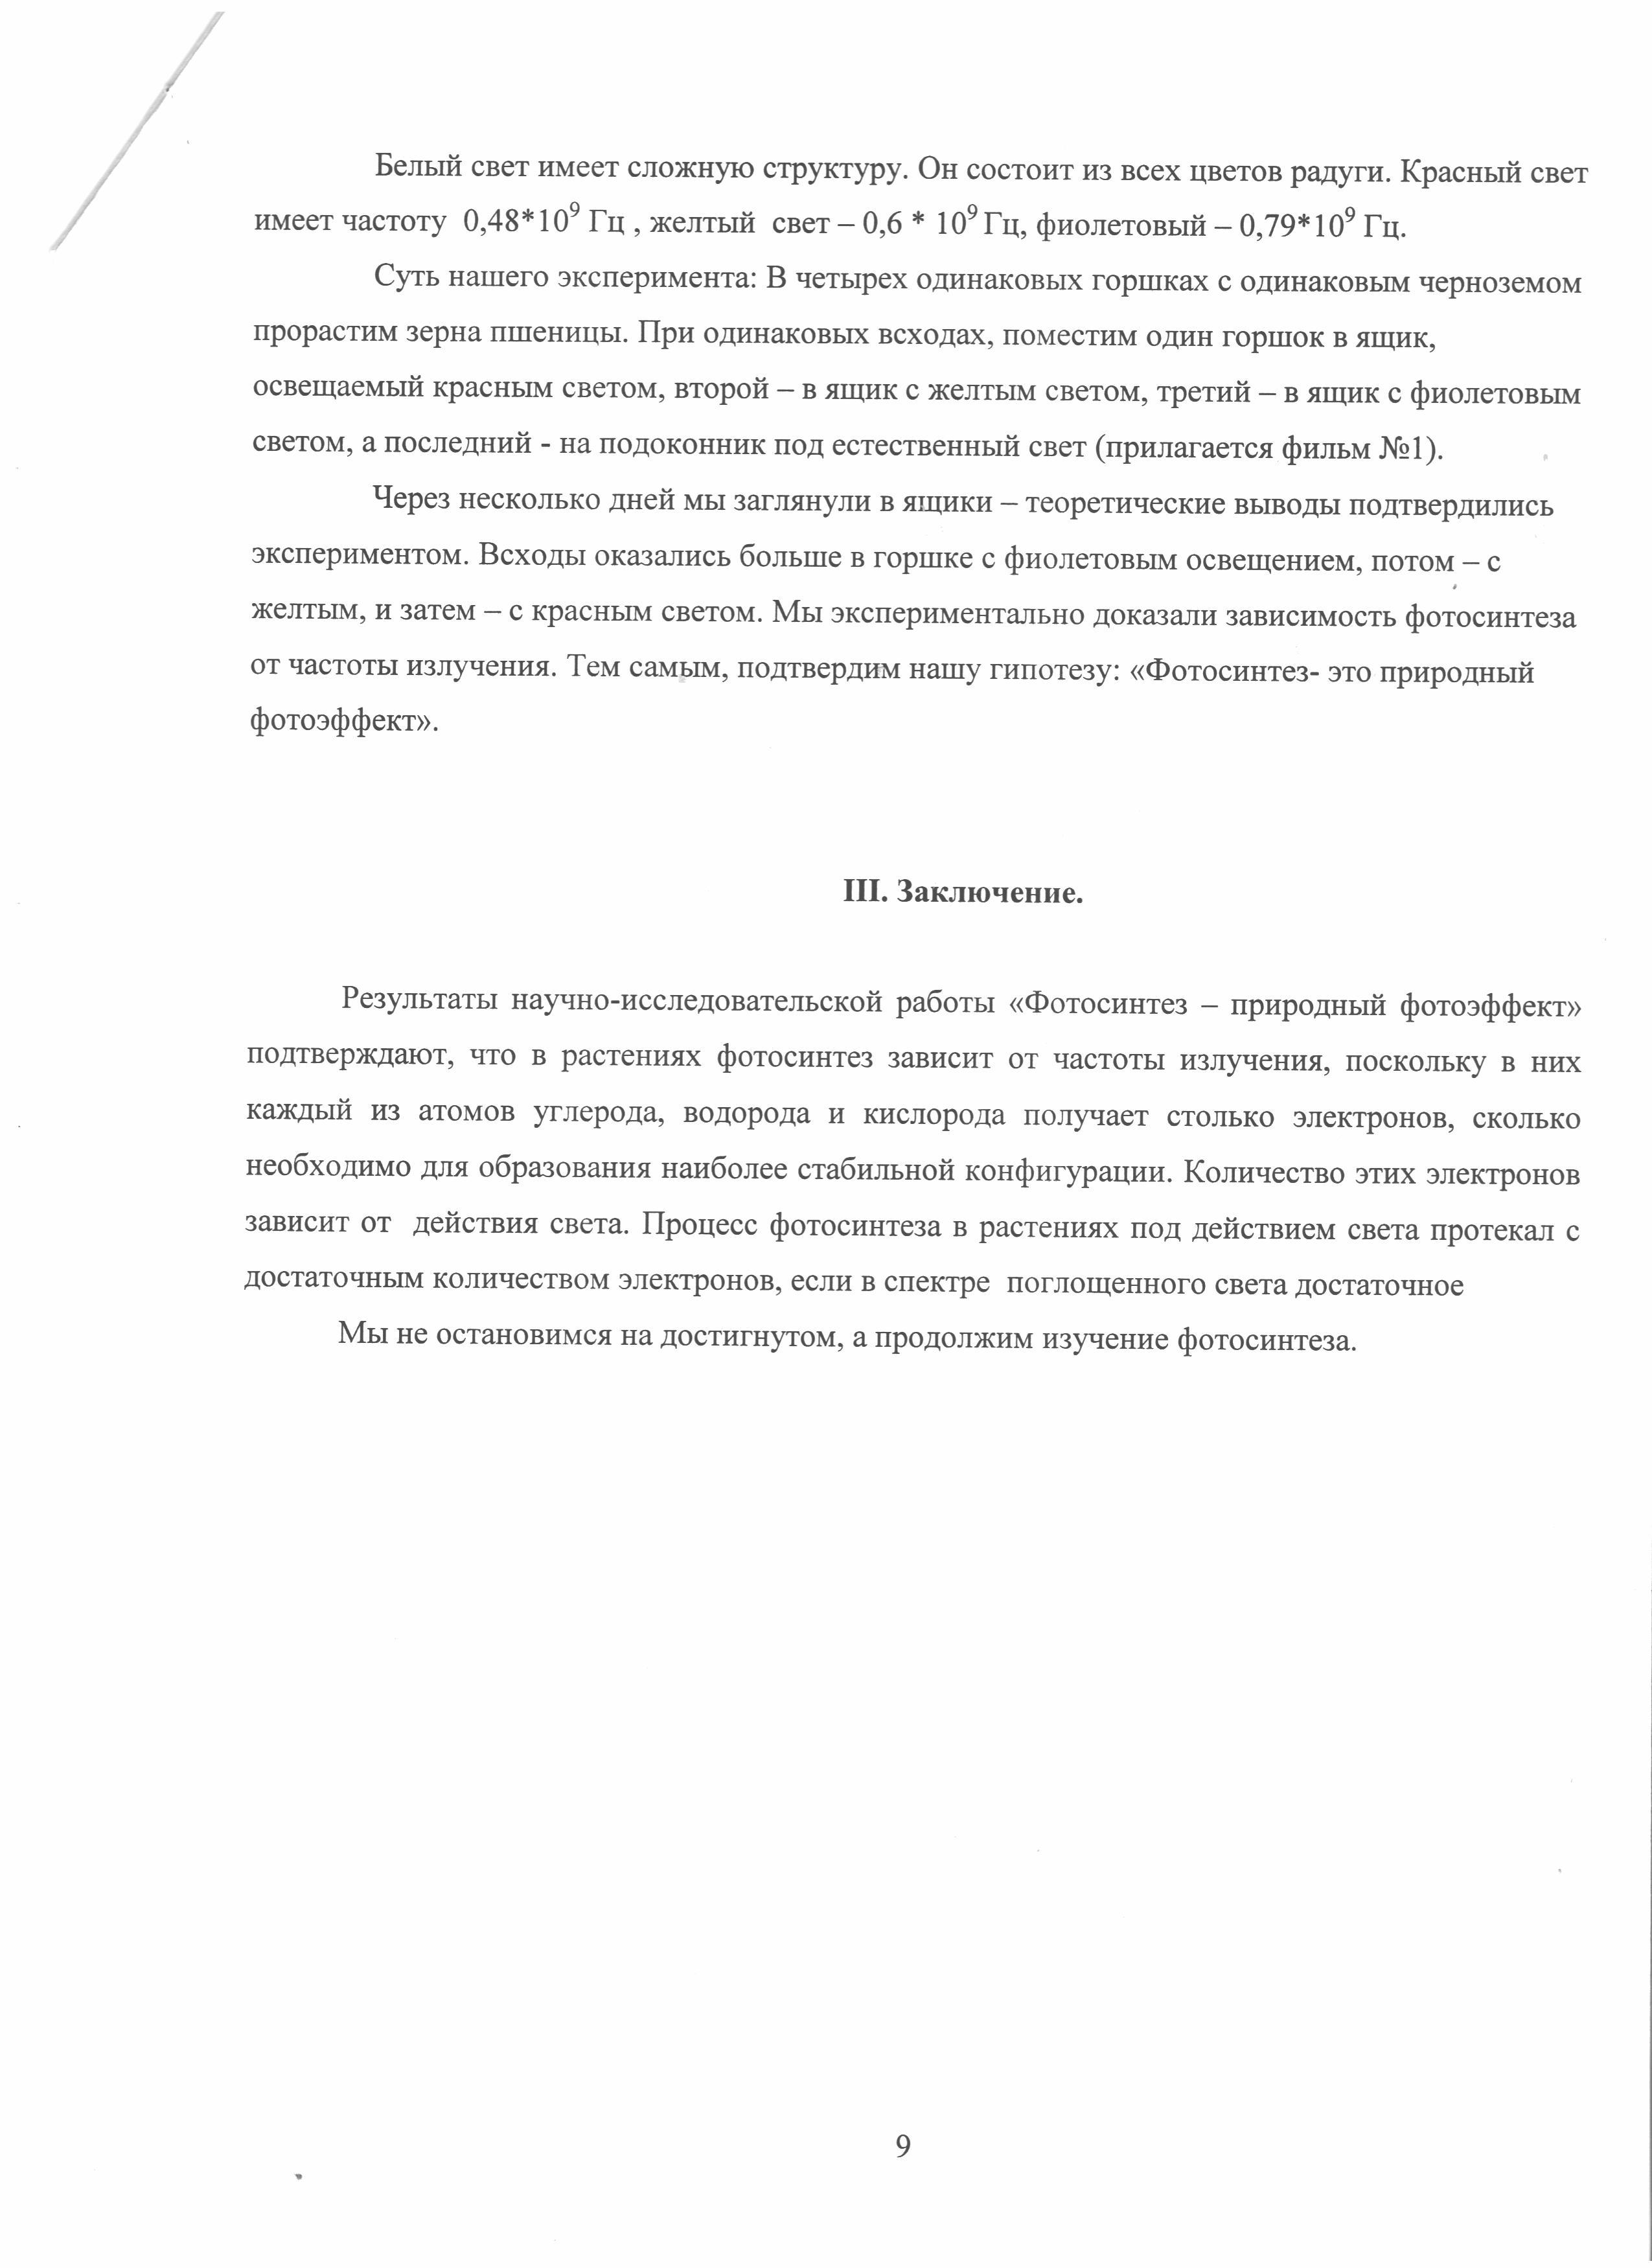 F:\диагностика\Сангаджиев В.Н\2015-09-28\024.tif